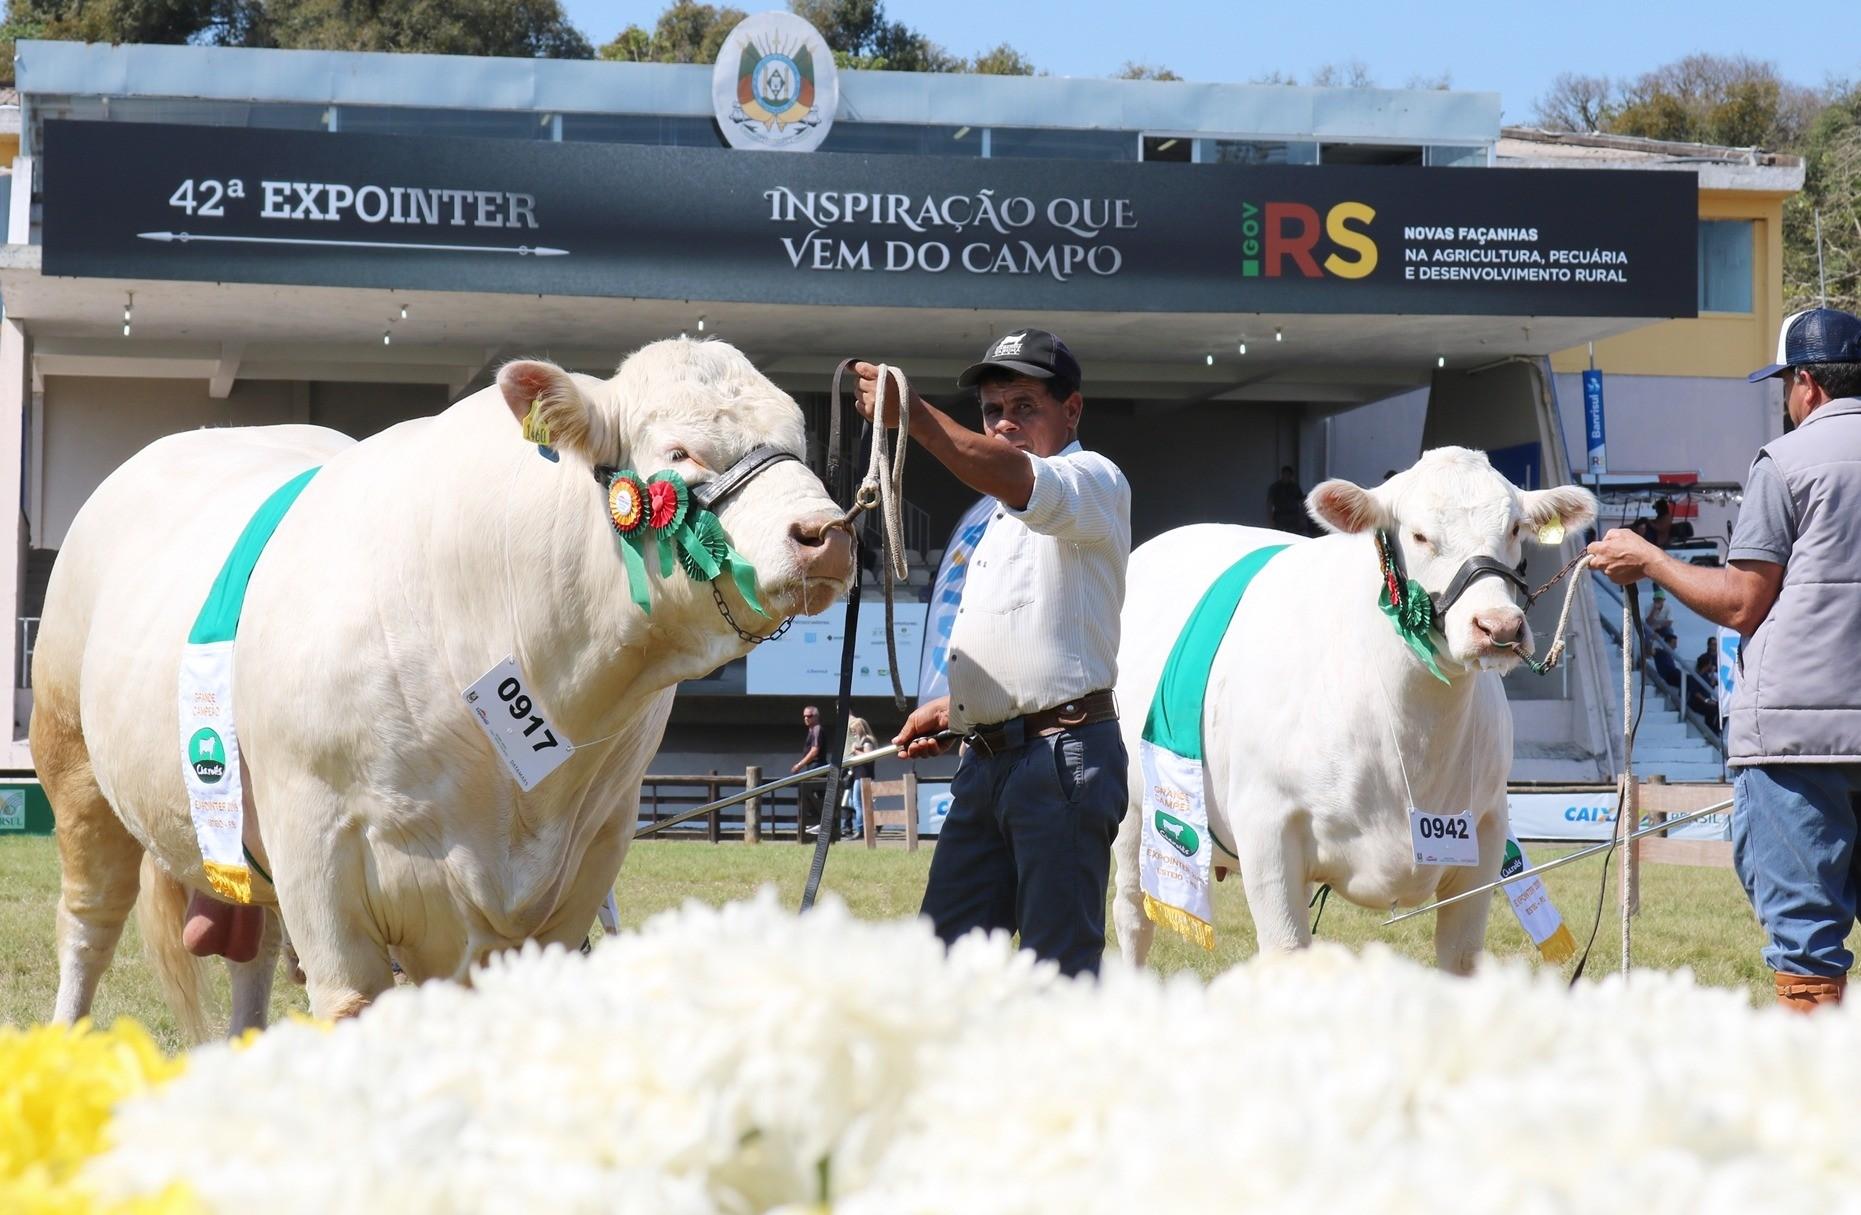 Foto Confira o resultado completo do julgamento do Charolês na Expointer 2019